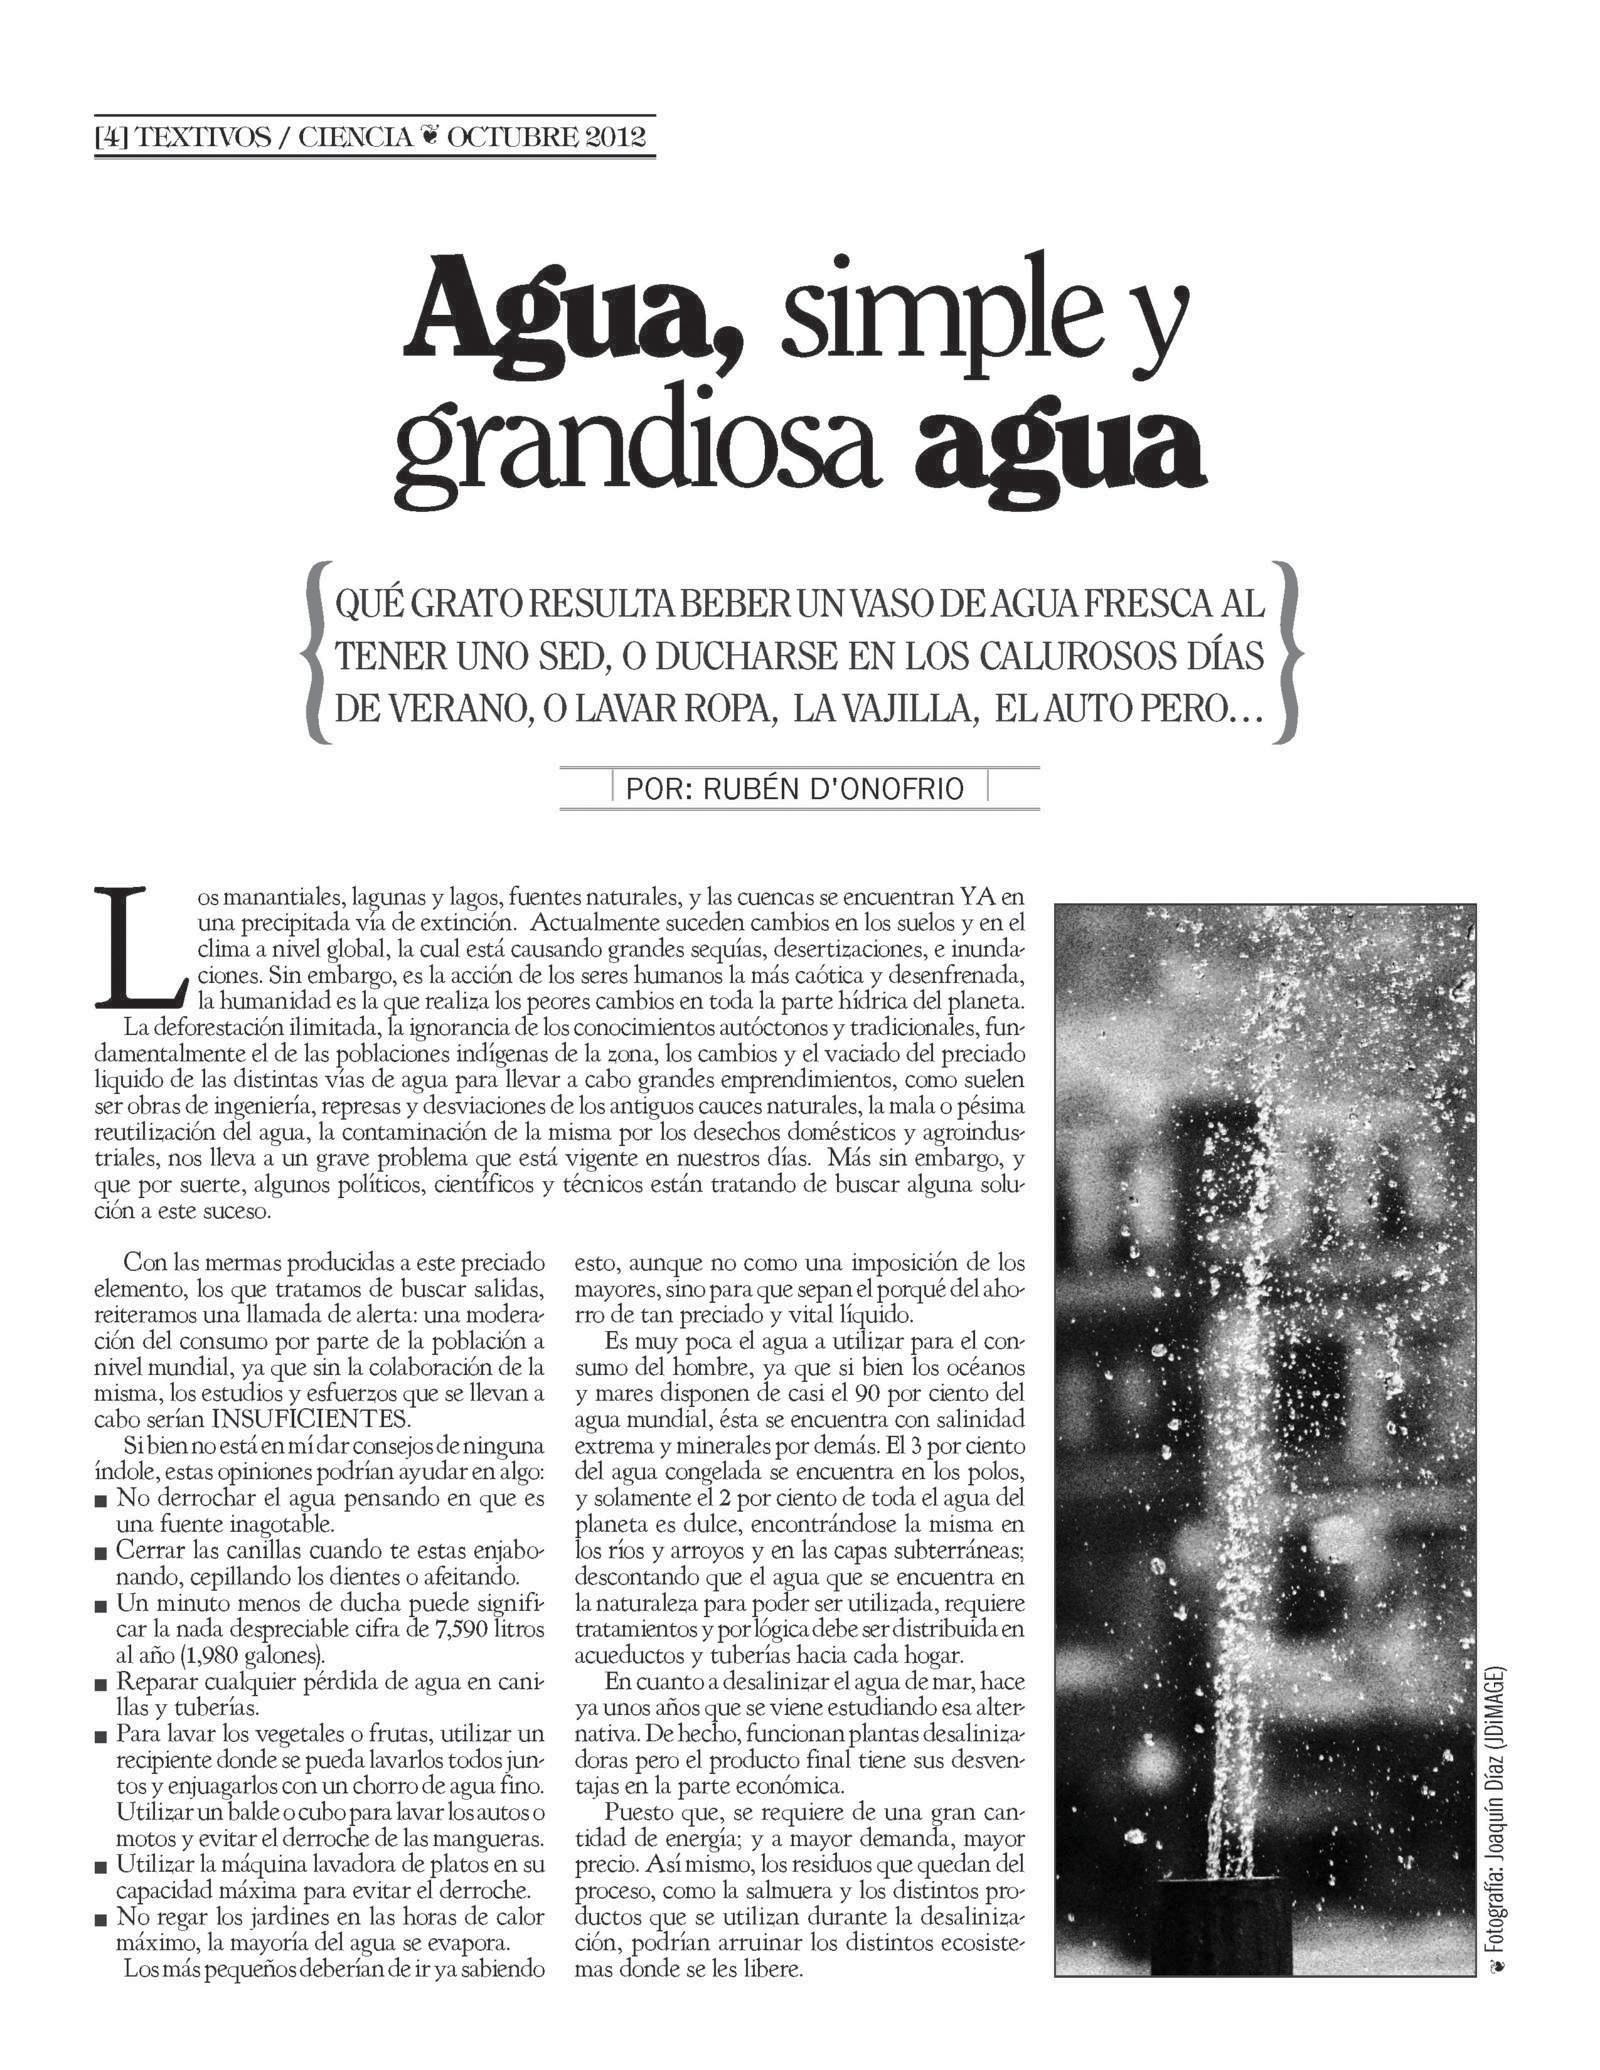 Newspaper_02